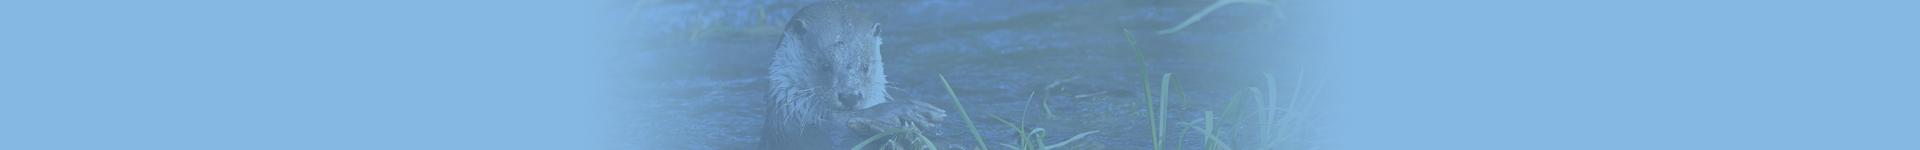 Industriewater Eerbeek